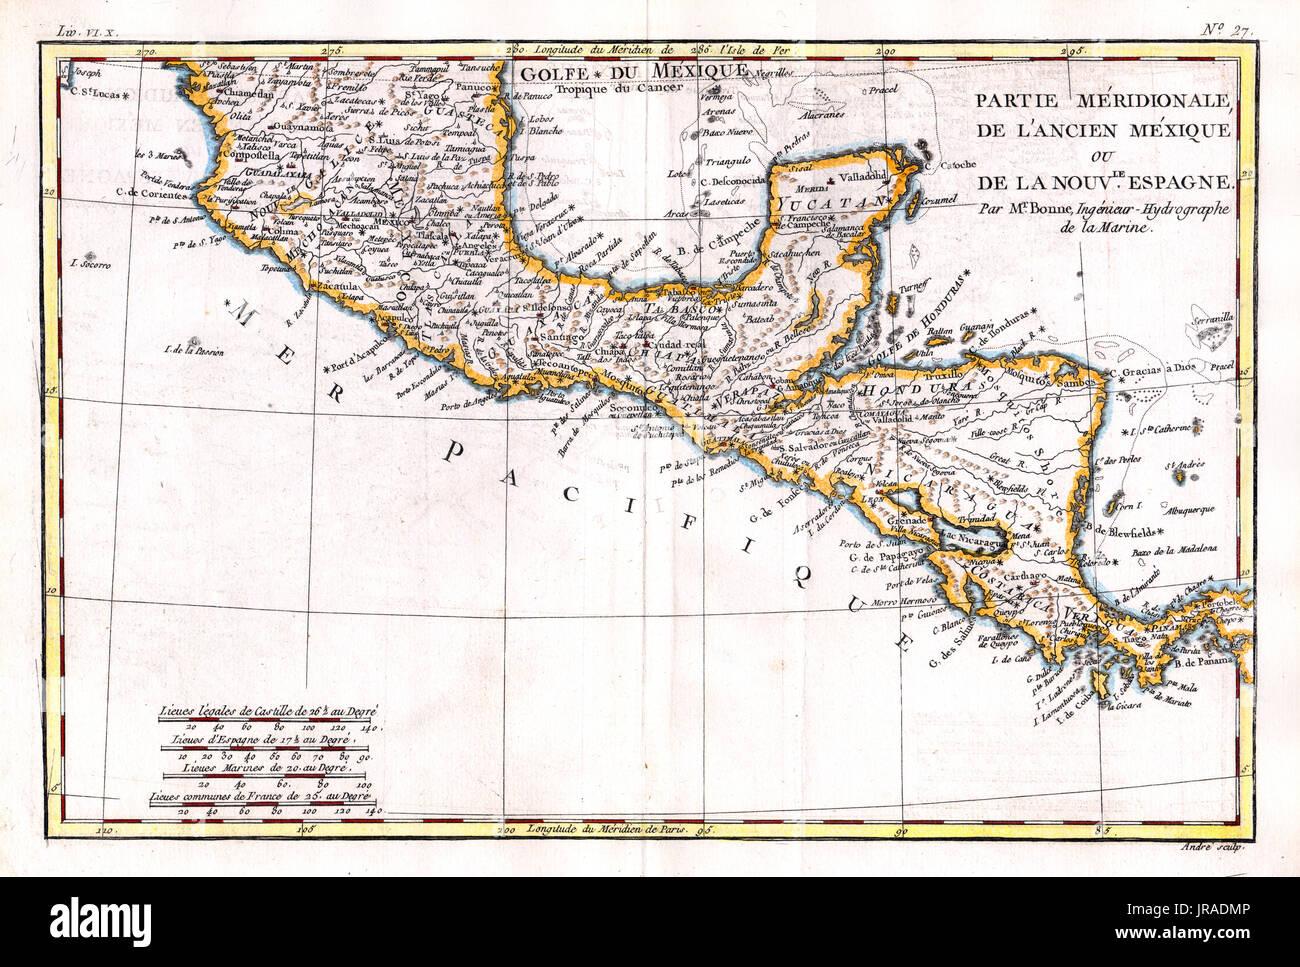 Costa Rica Karte Mittelamerika.1780 Bonne Antike Karte Von Mexiko Und Mittelamerika Einschließlich